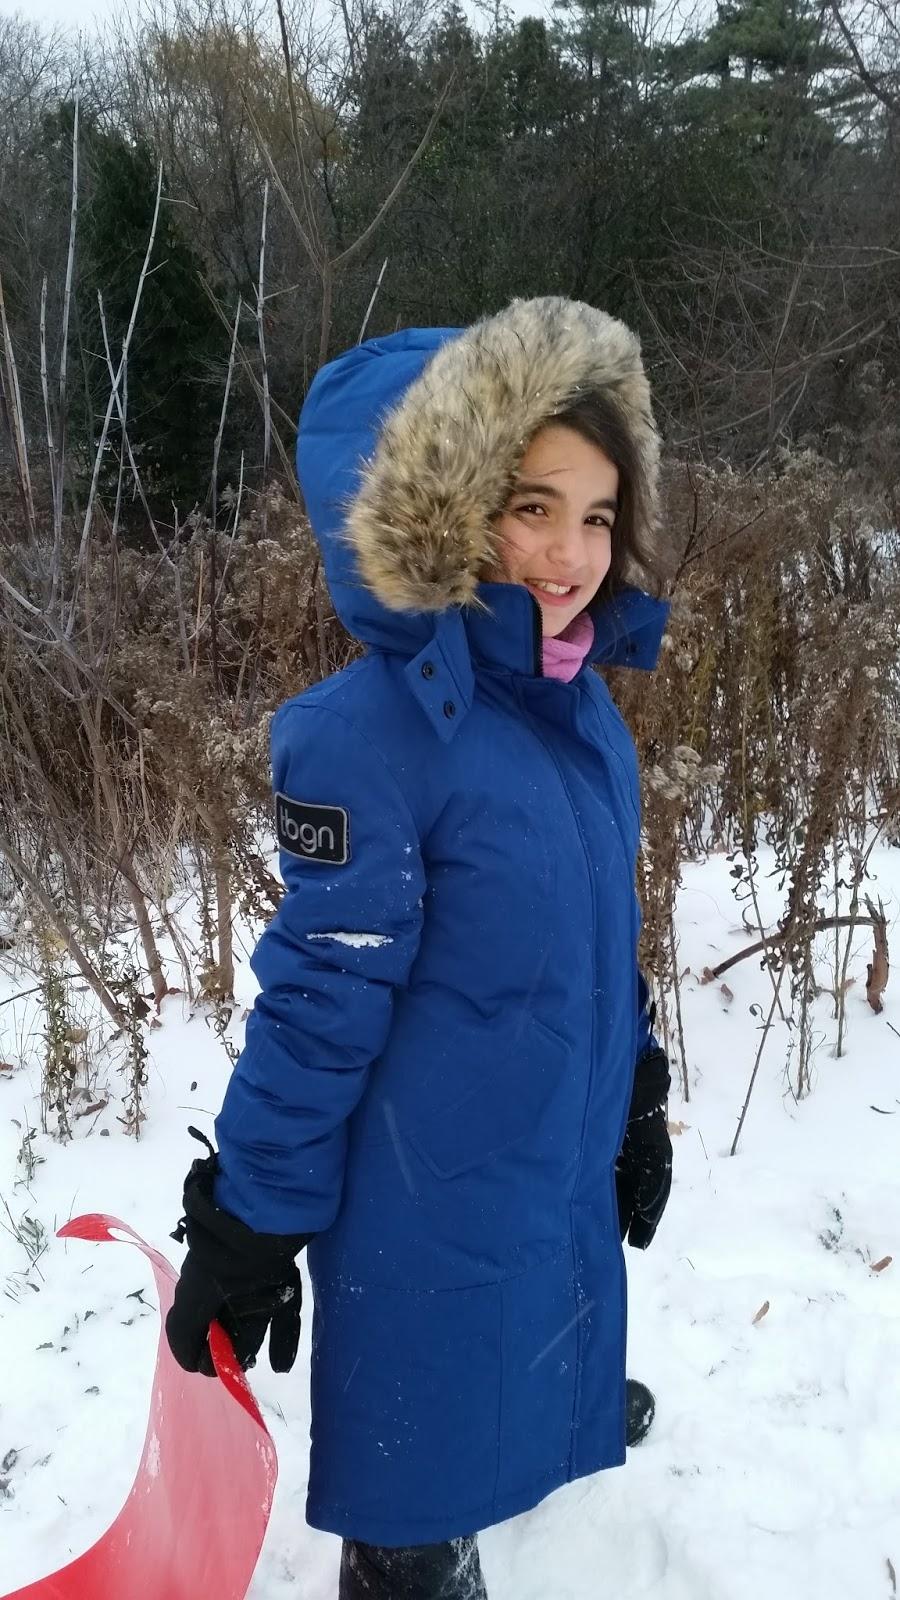 Toboggan Canada Winter Jackets Like Canada Goose Contest